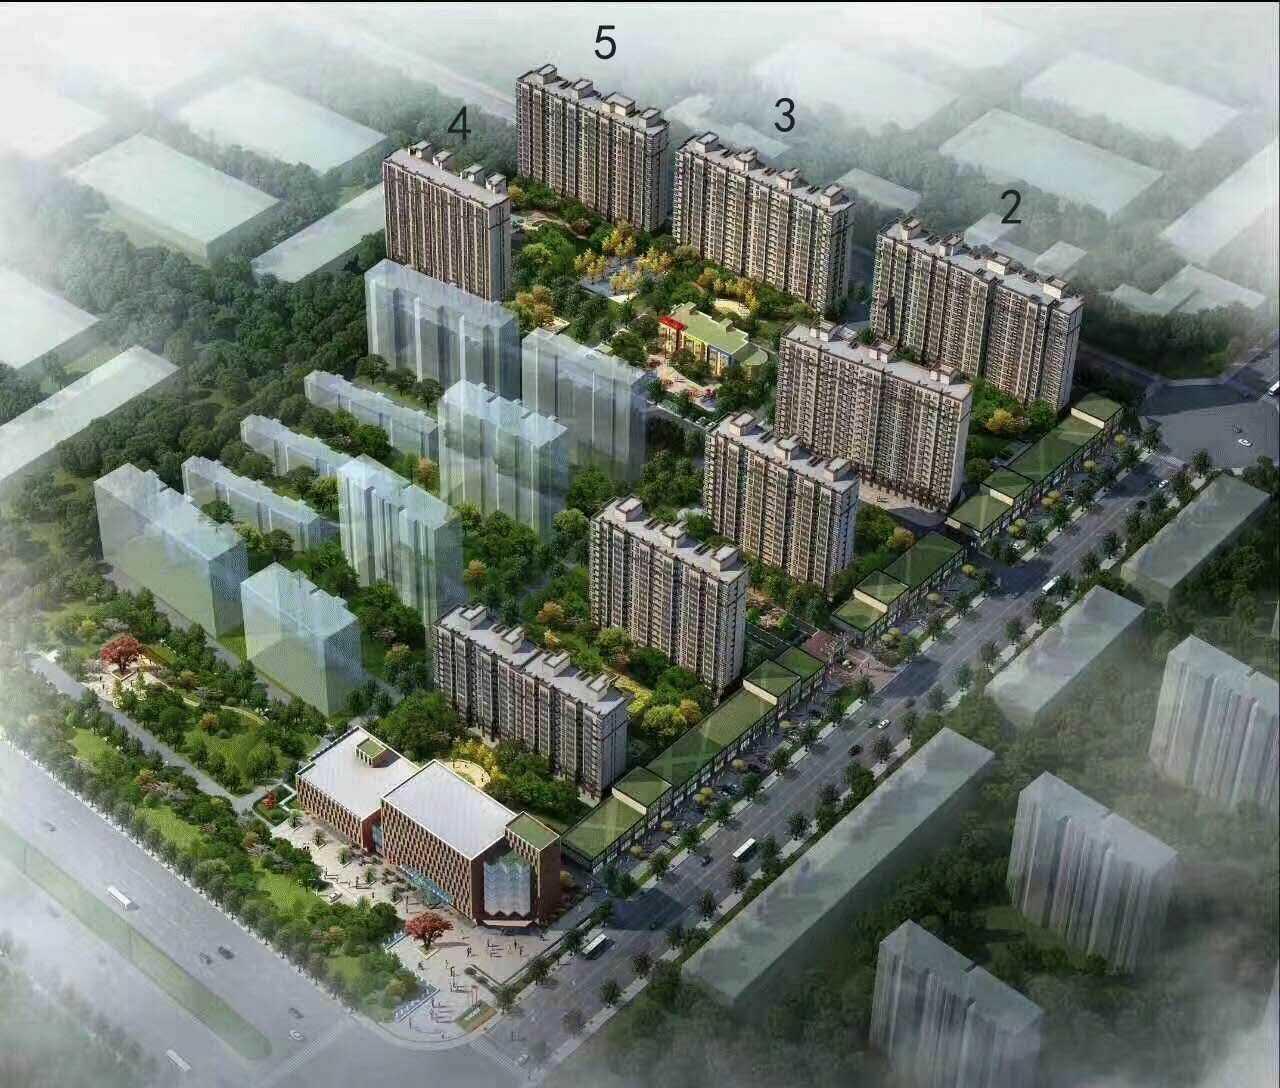 民安华府,70年大产权,外地人也可购买,北京943直达社区